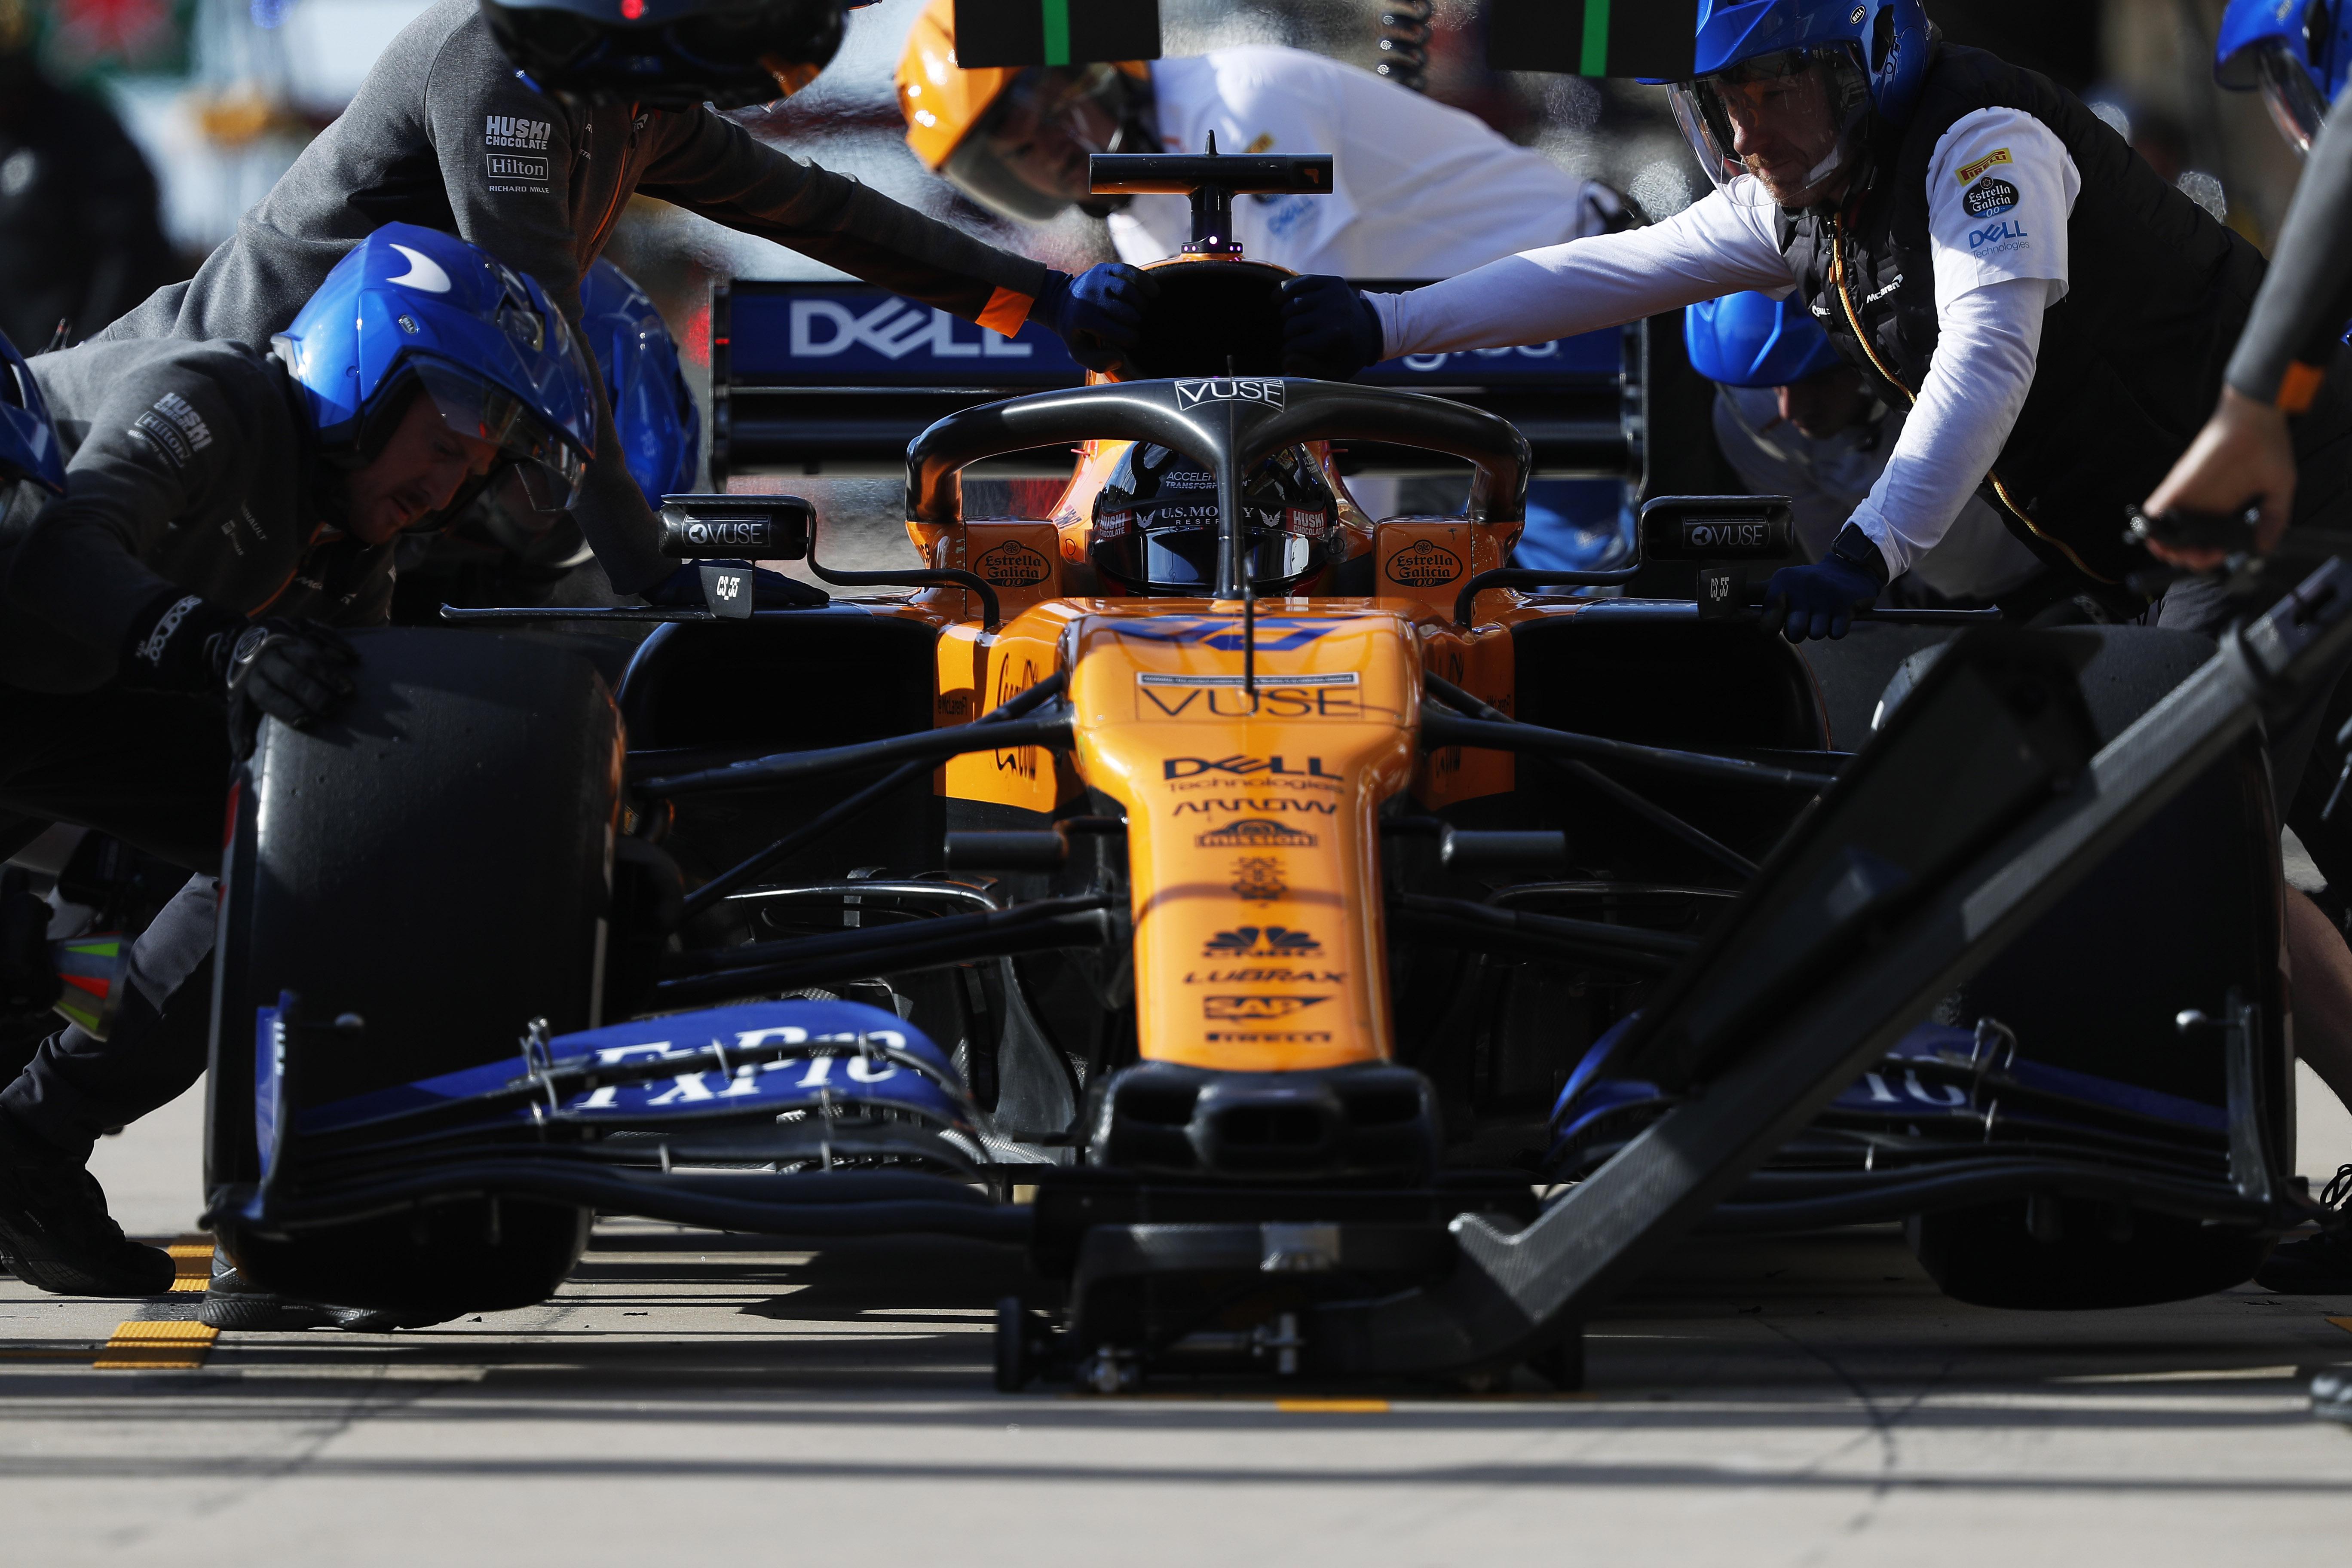 Videó: A McLaren is beröffentette a 2020-as F1-es autóját!